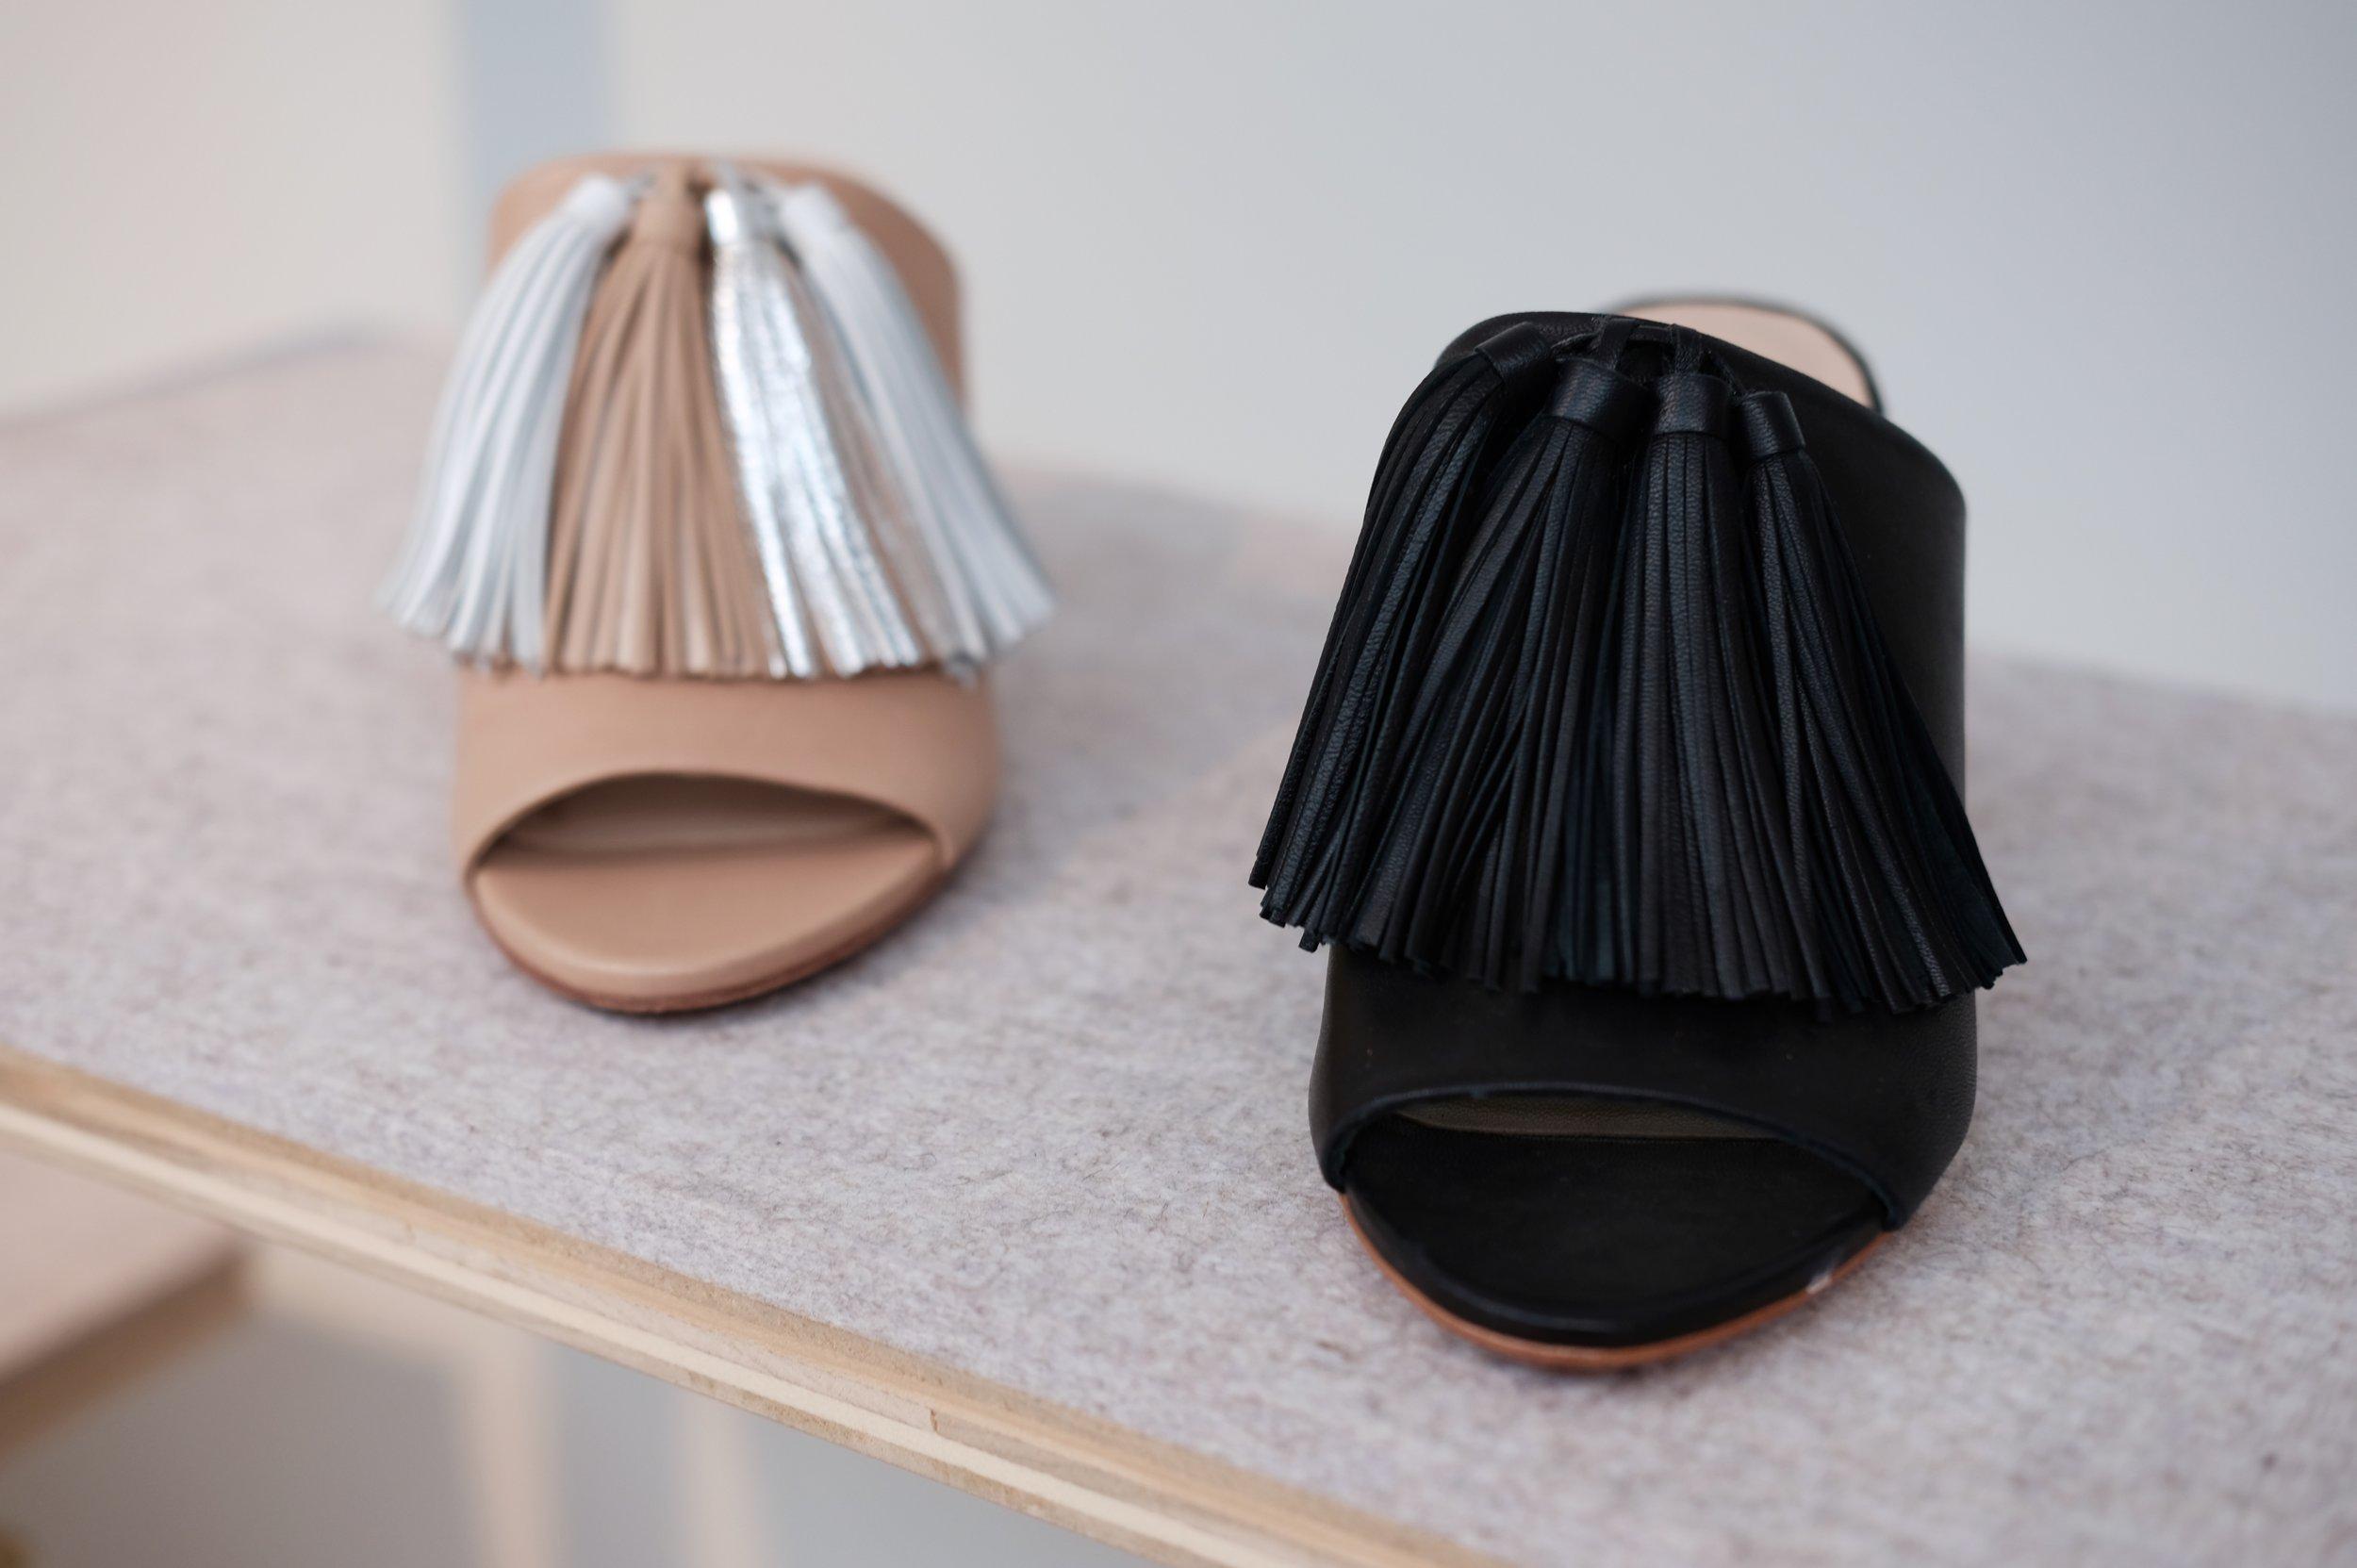 Clo Tassel Slide in Wheat + Black.